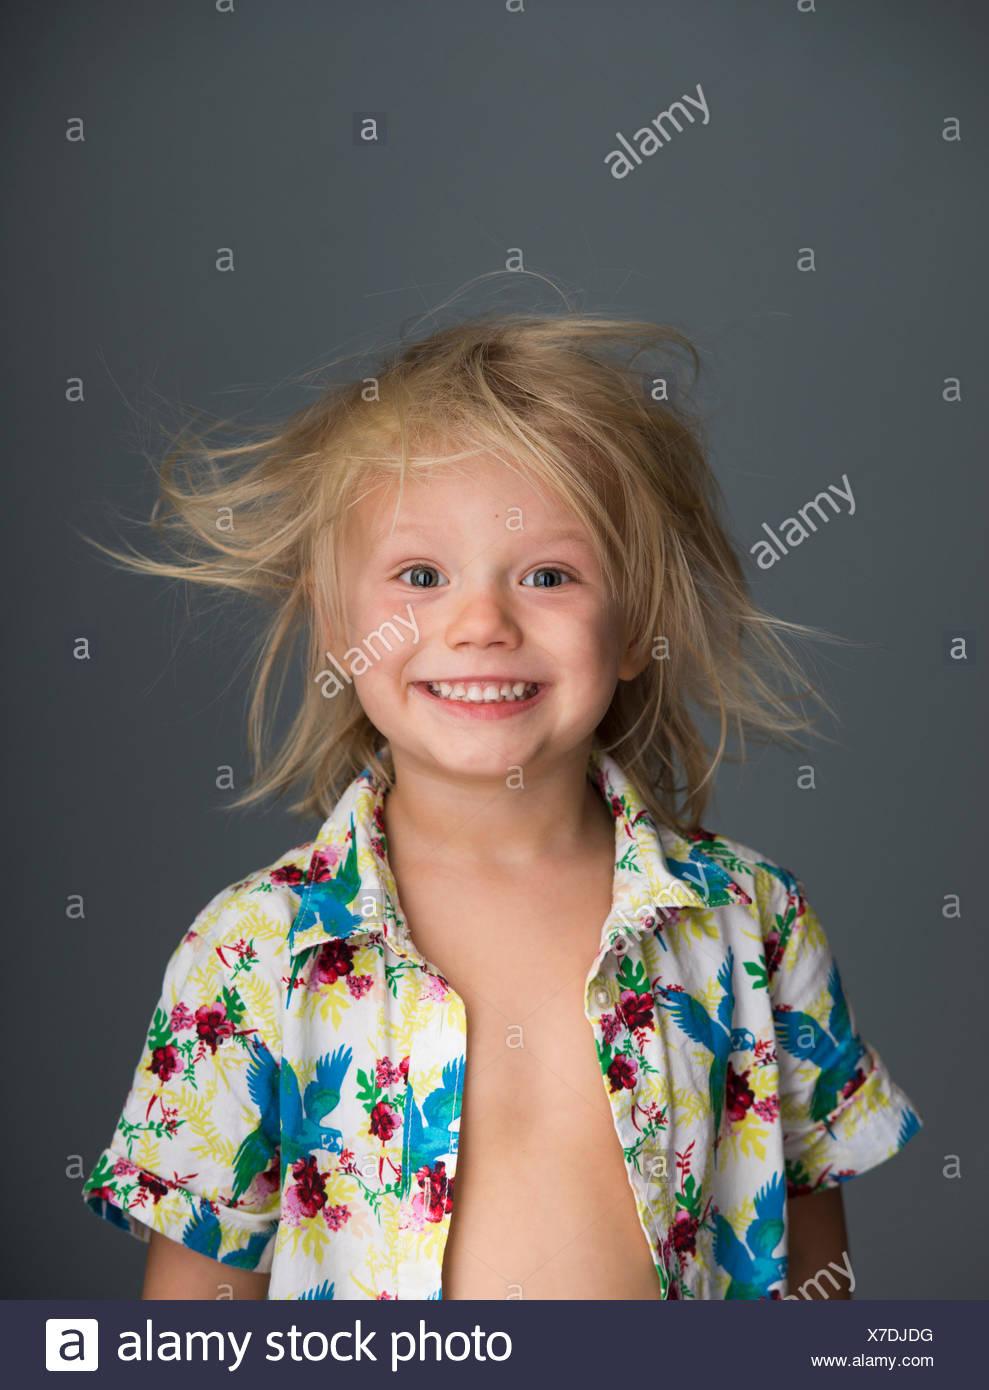 Ritratto di giovane ragazzo con capelli disordinati, sorridente Immagini Stock